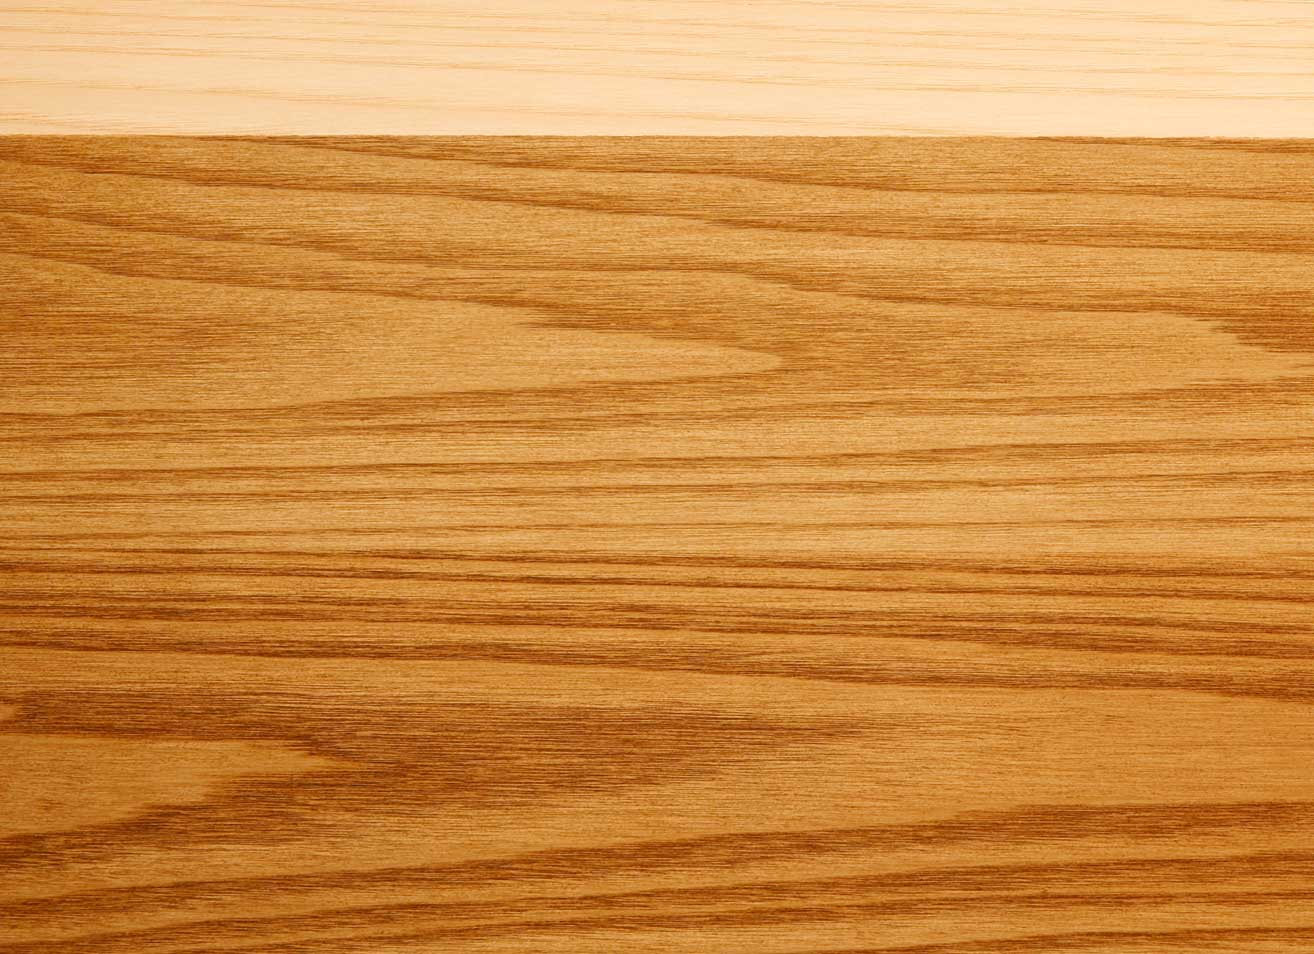 acabado de madera